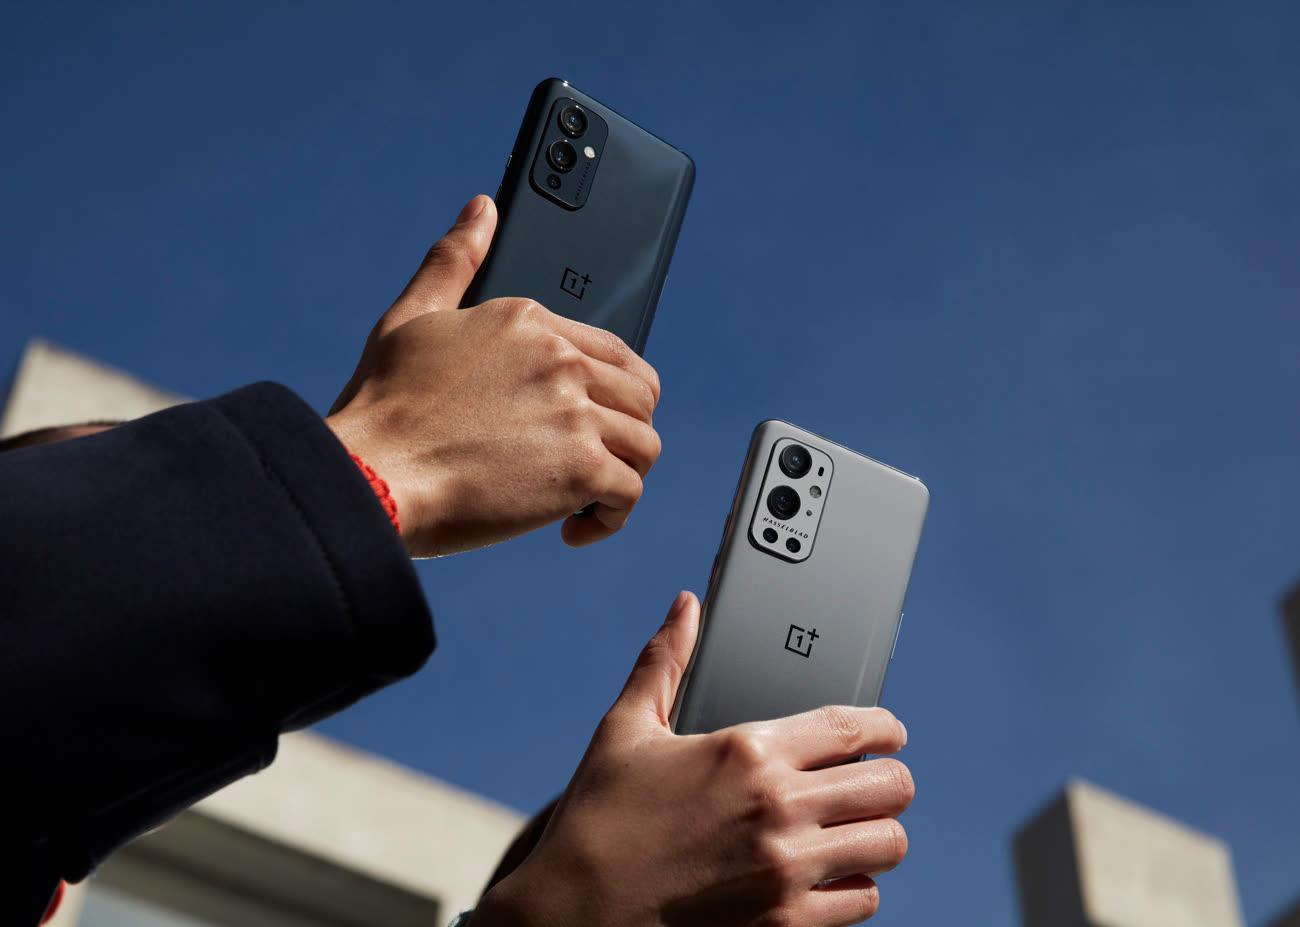 Quel smartphone a le meilleur appareil photo ? Notre comparatif de 2021 - OnePlus 9 Pro www.heavybull.com